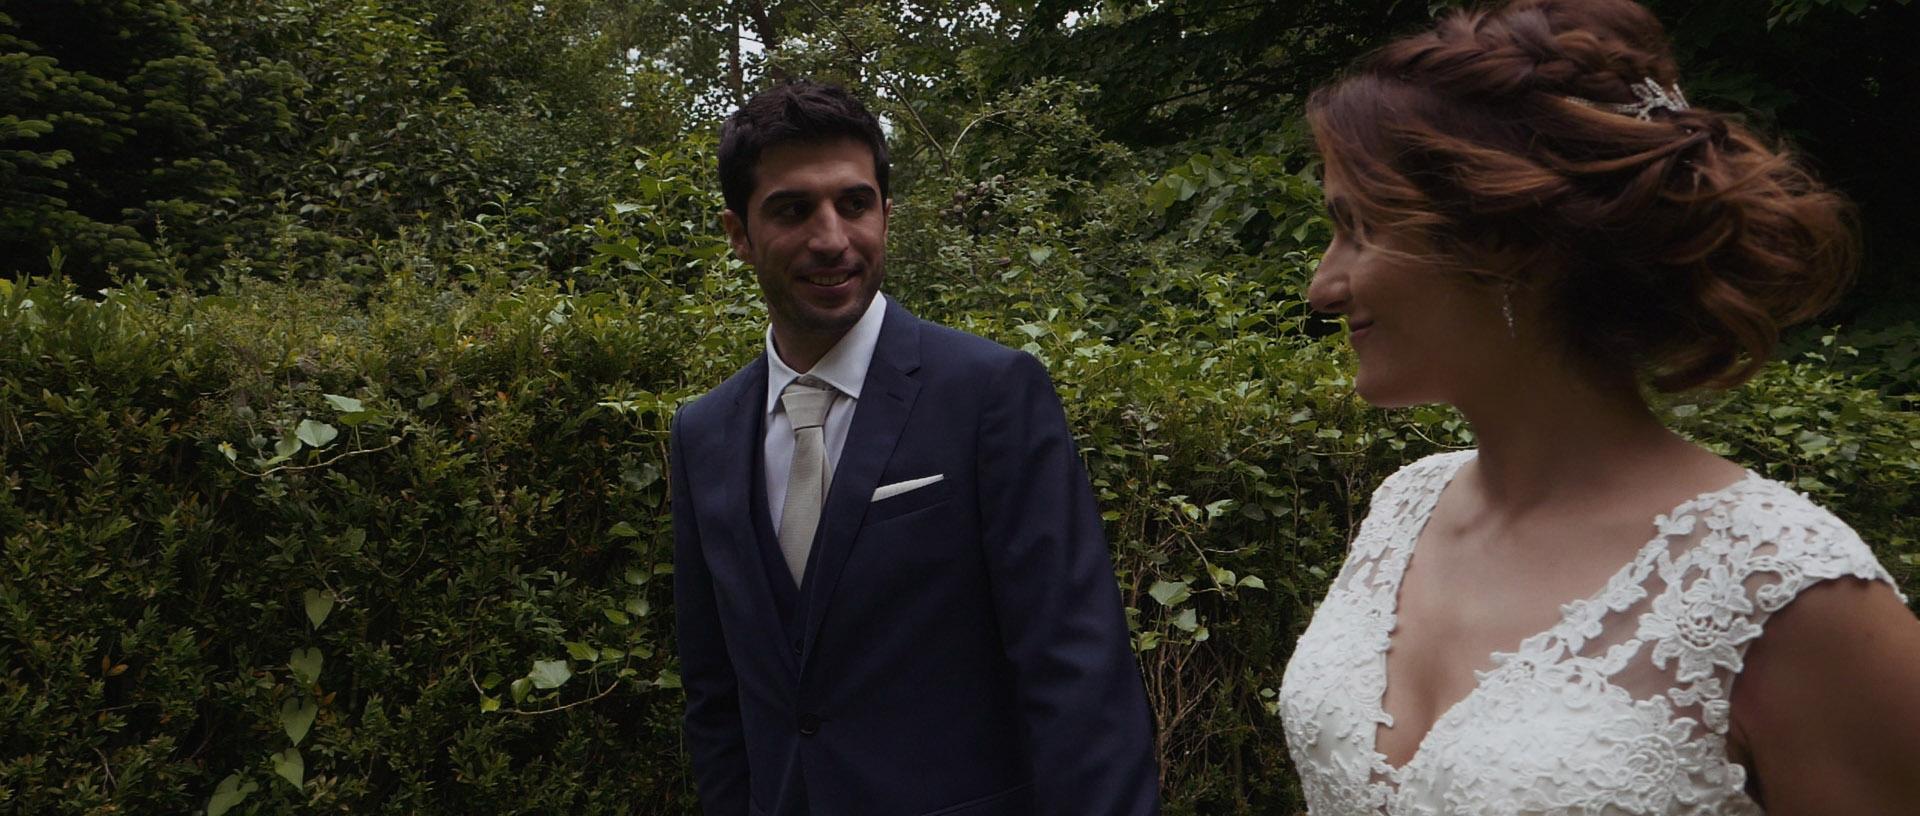 Joana & Rúben – Wedding